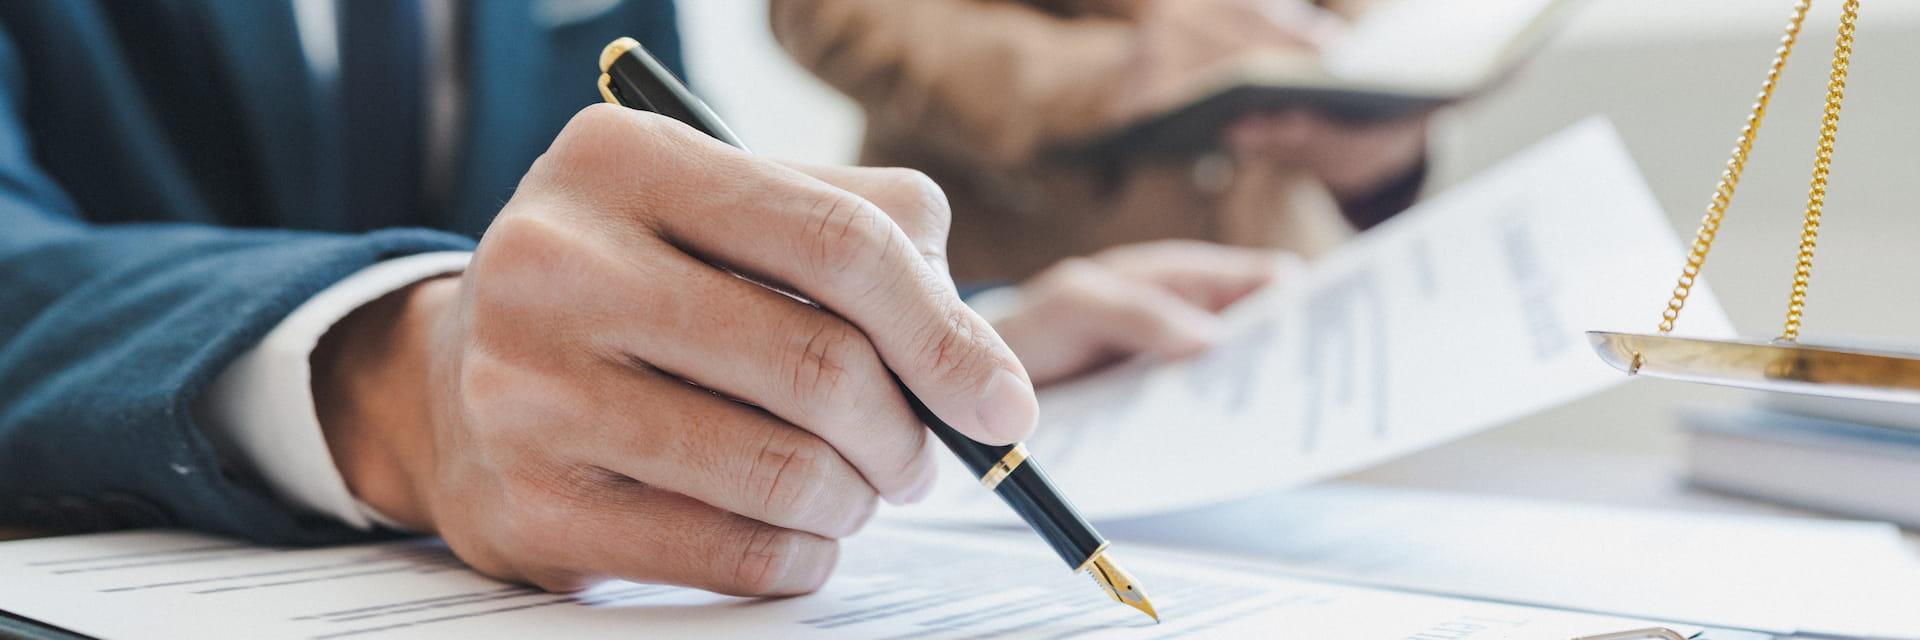 Vertragsunterzeichnung Rechtsanwalt